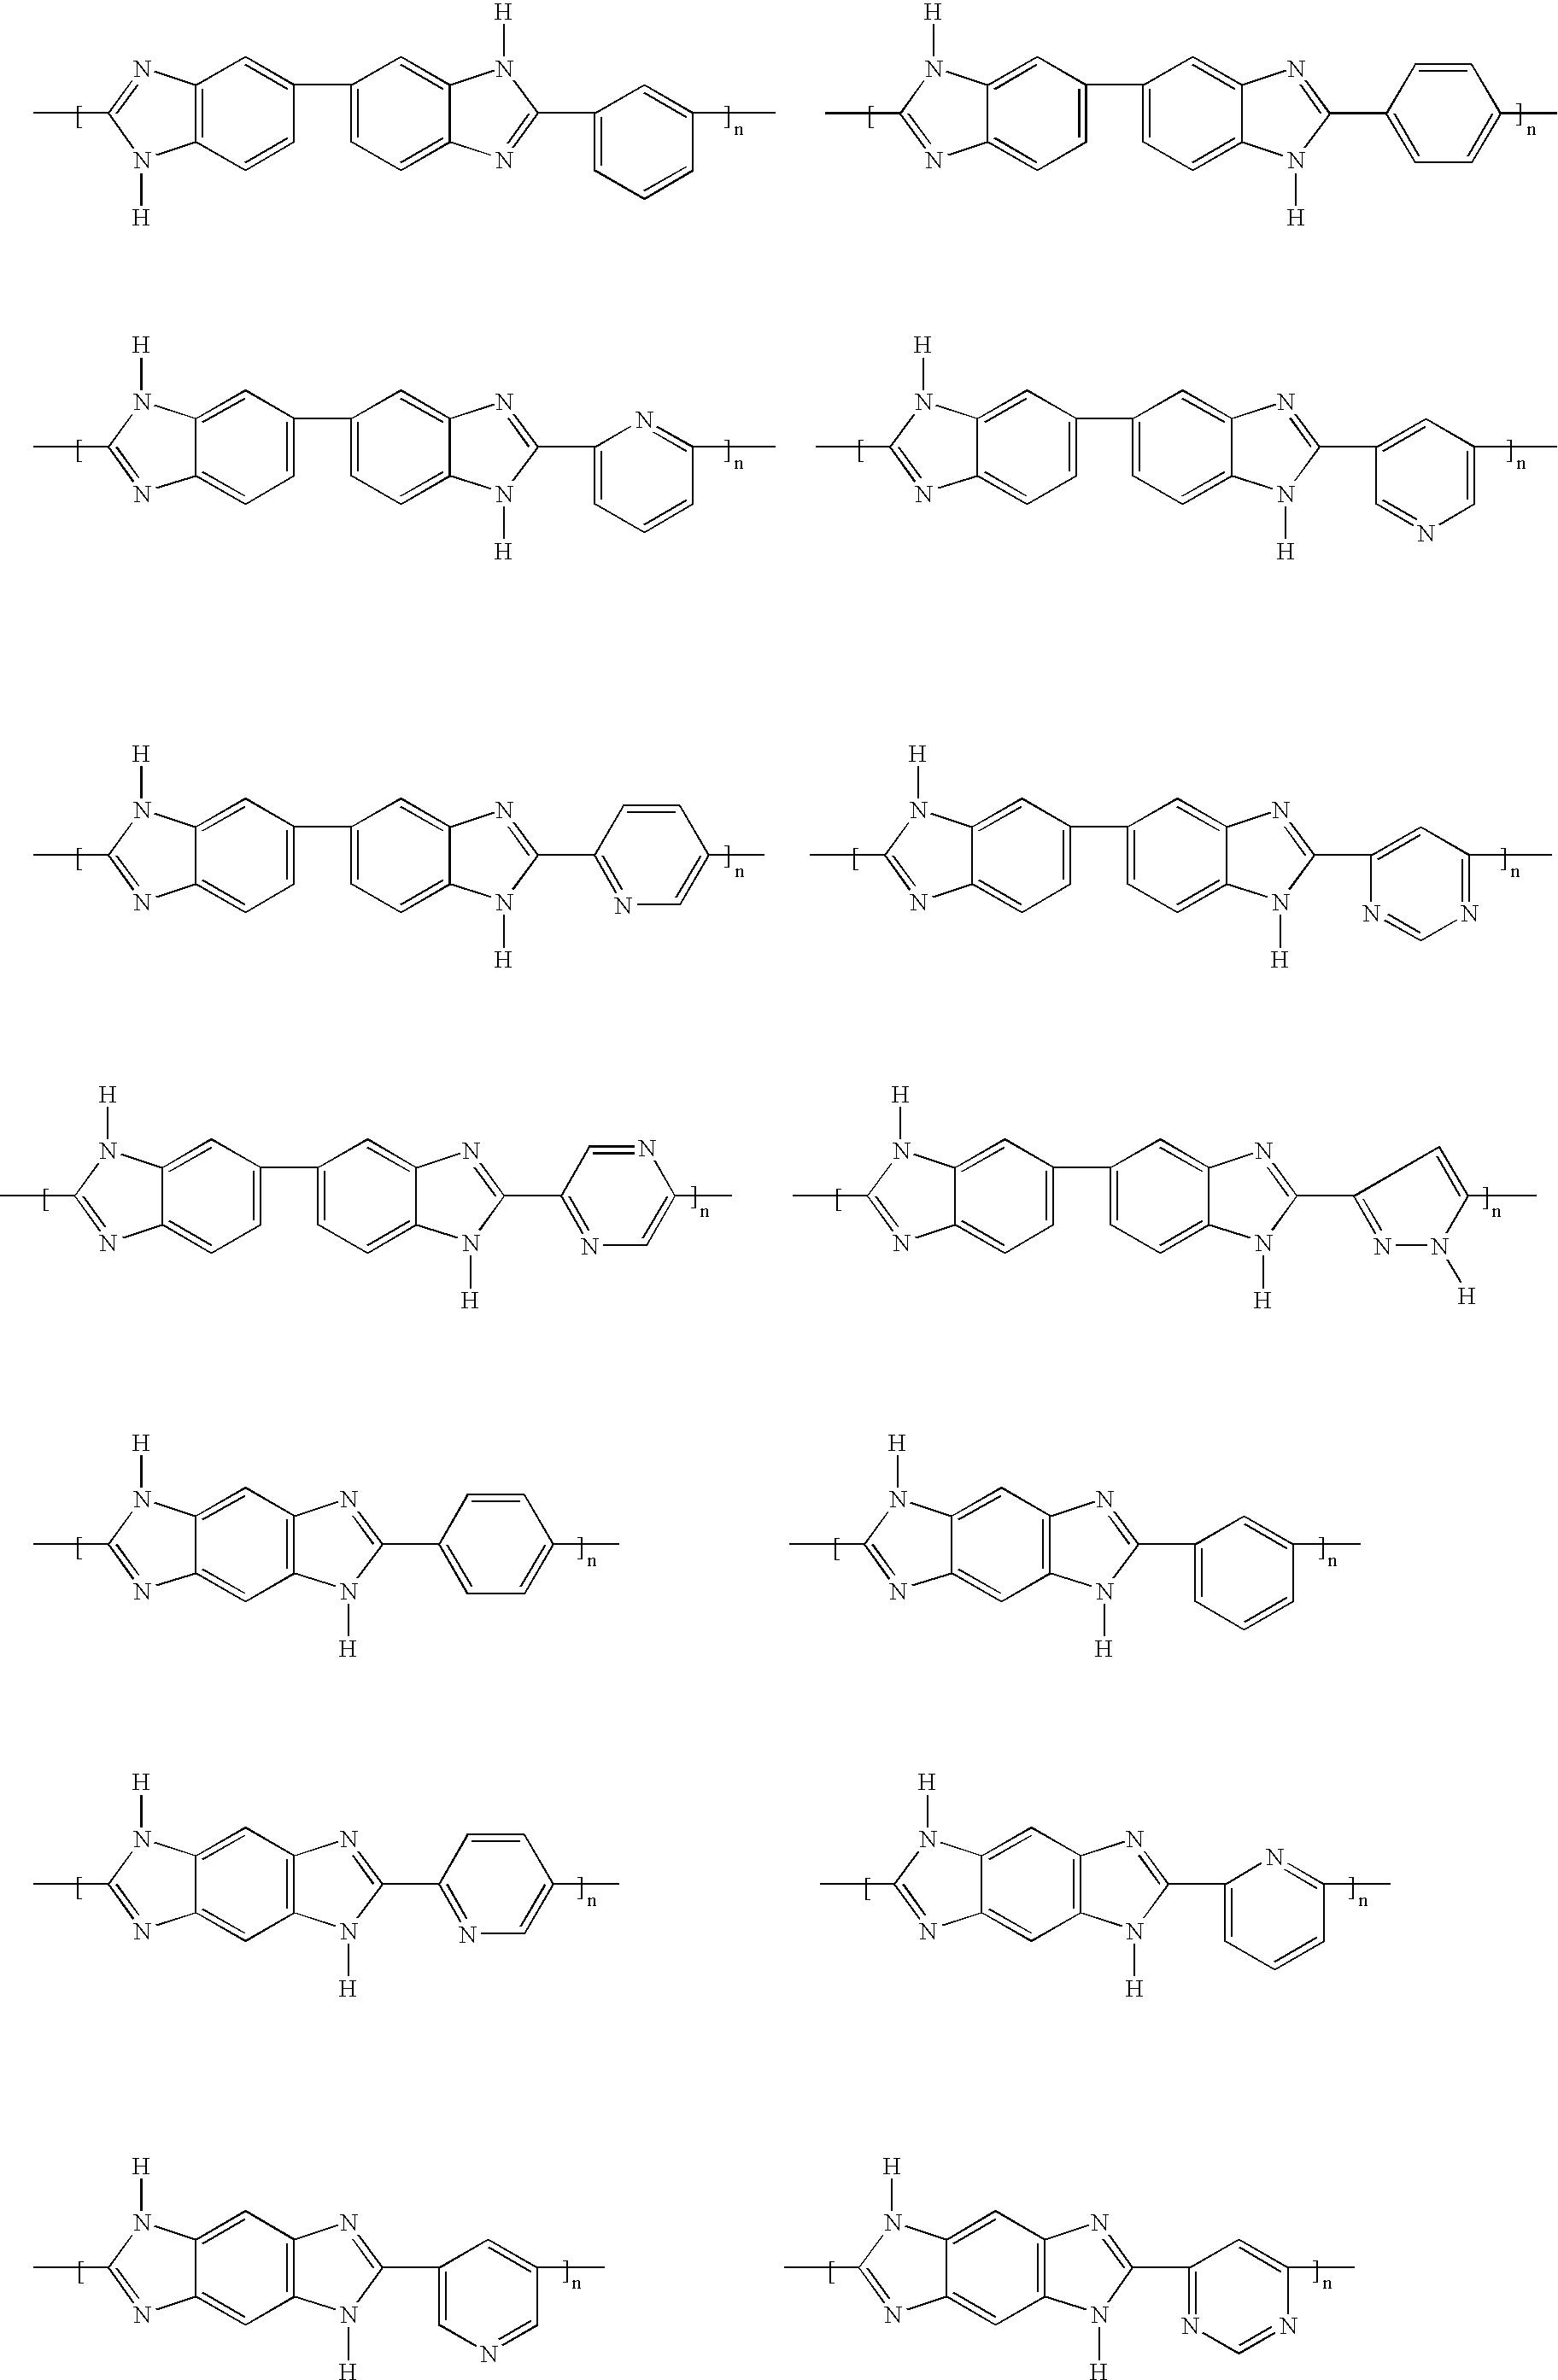 Figure US20050175879A1-20050811-C00004